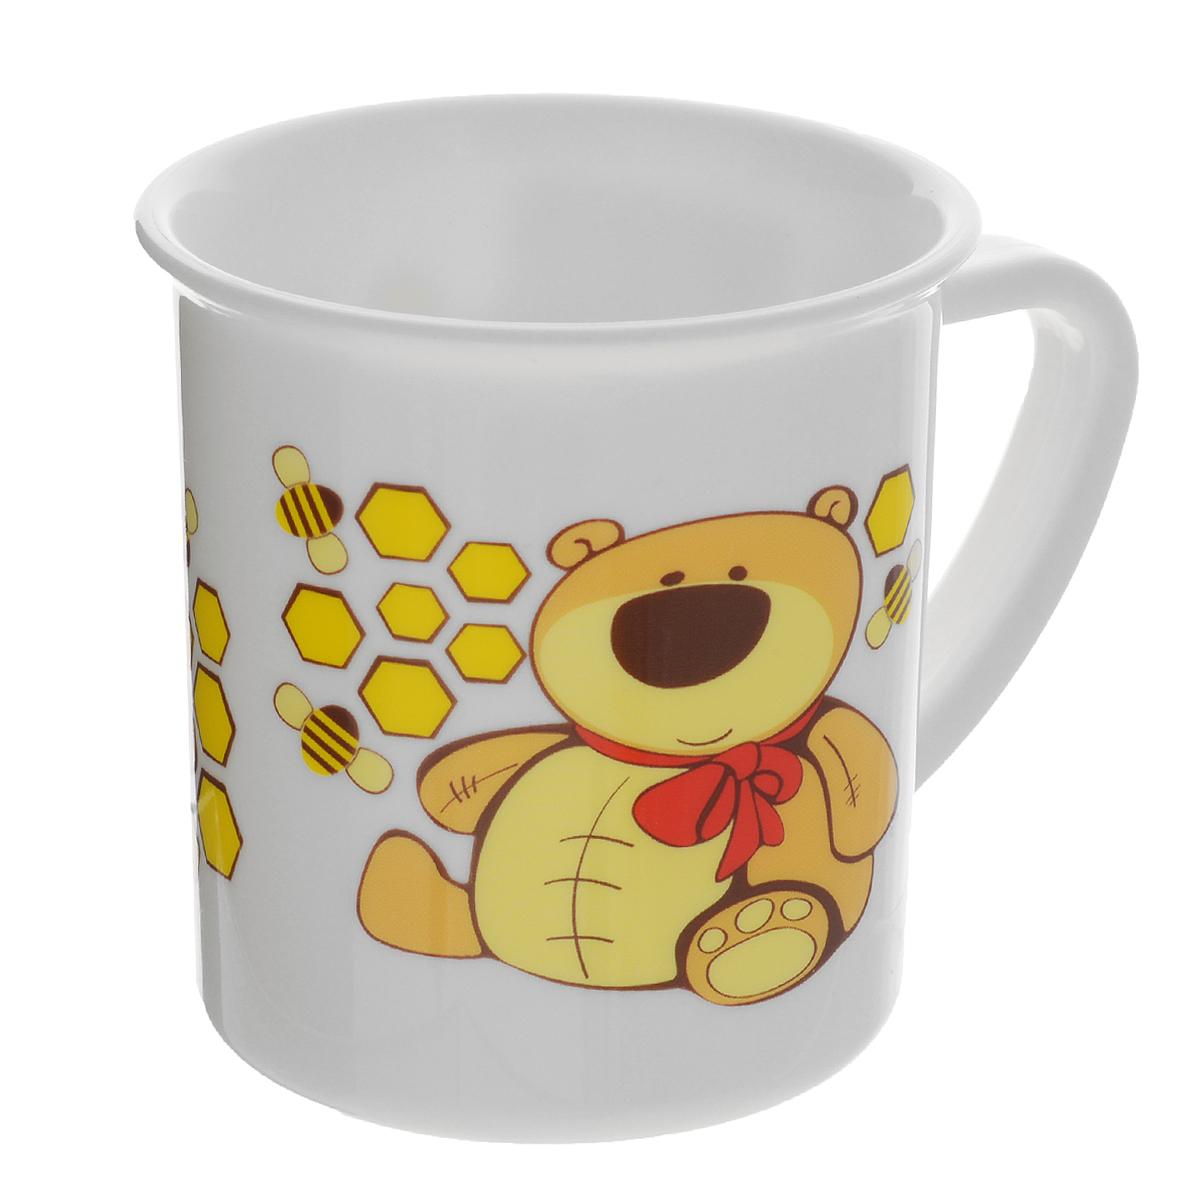 Canpol Babies Чашка детская Мишка цвет желтый4/413_желтый/мишкаДетская чашка Canpol Babies предназначена для того, чтобы приучить малыша пить из посуды для взрослых. Чашка выполнена из безопасного полипропилена и оформлена изображением забавного котика.Чашка выглядит совсем как обычная, однако она меньше по объему. Если случайно малыш уронит чашку, то она не разобьется.